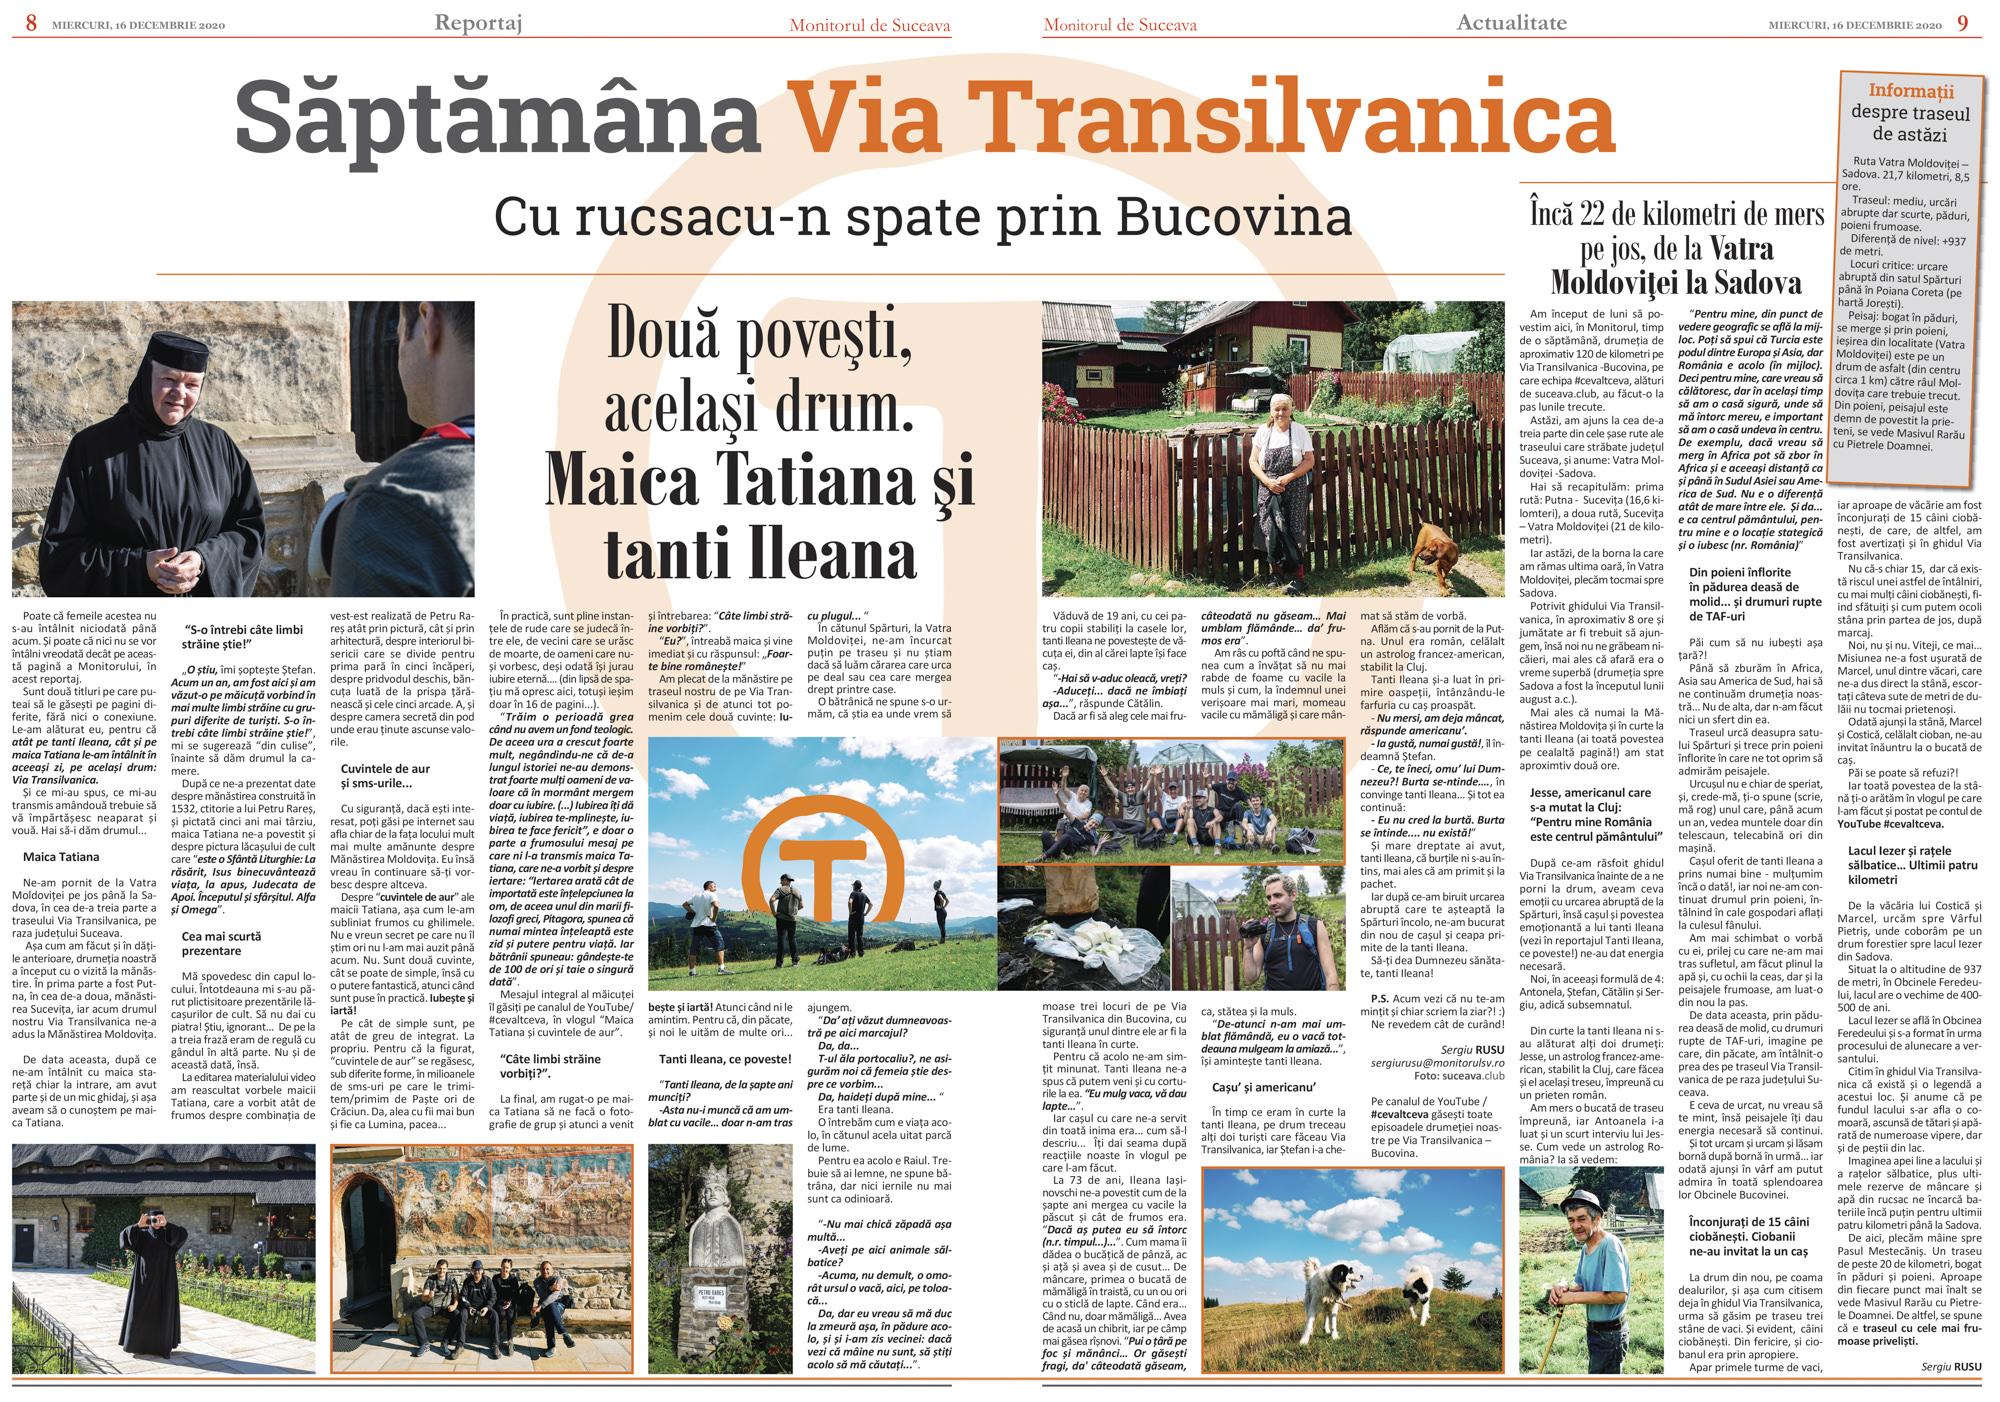 Via Transilvanica (III) De la Vatra Moldoviței la Sadova